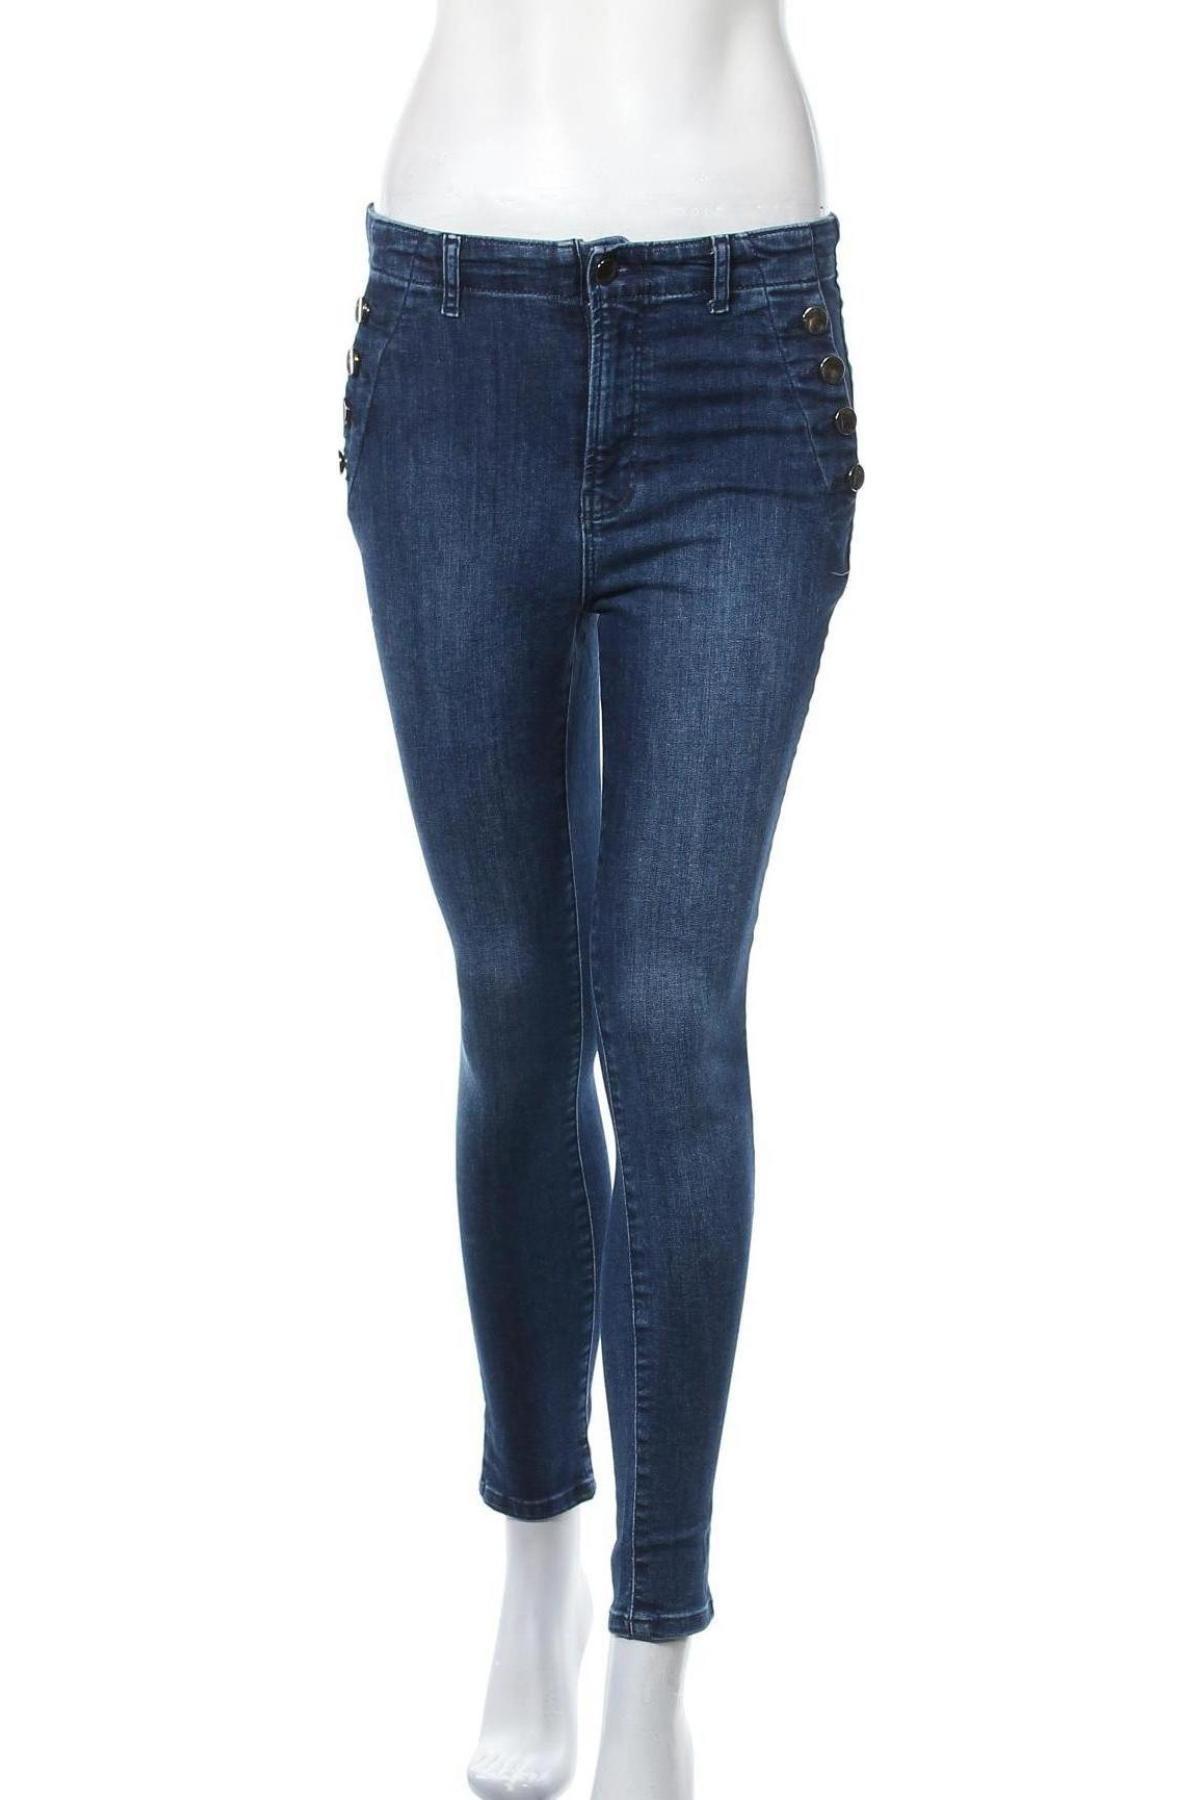 Дамски дънки Vivance, Размер M, Цвят Син, 97% памук, 3% еластан, Цена 23,04лв.